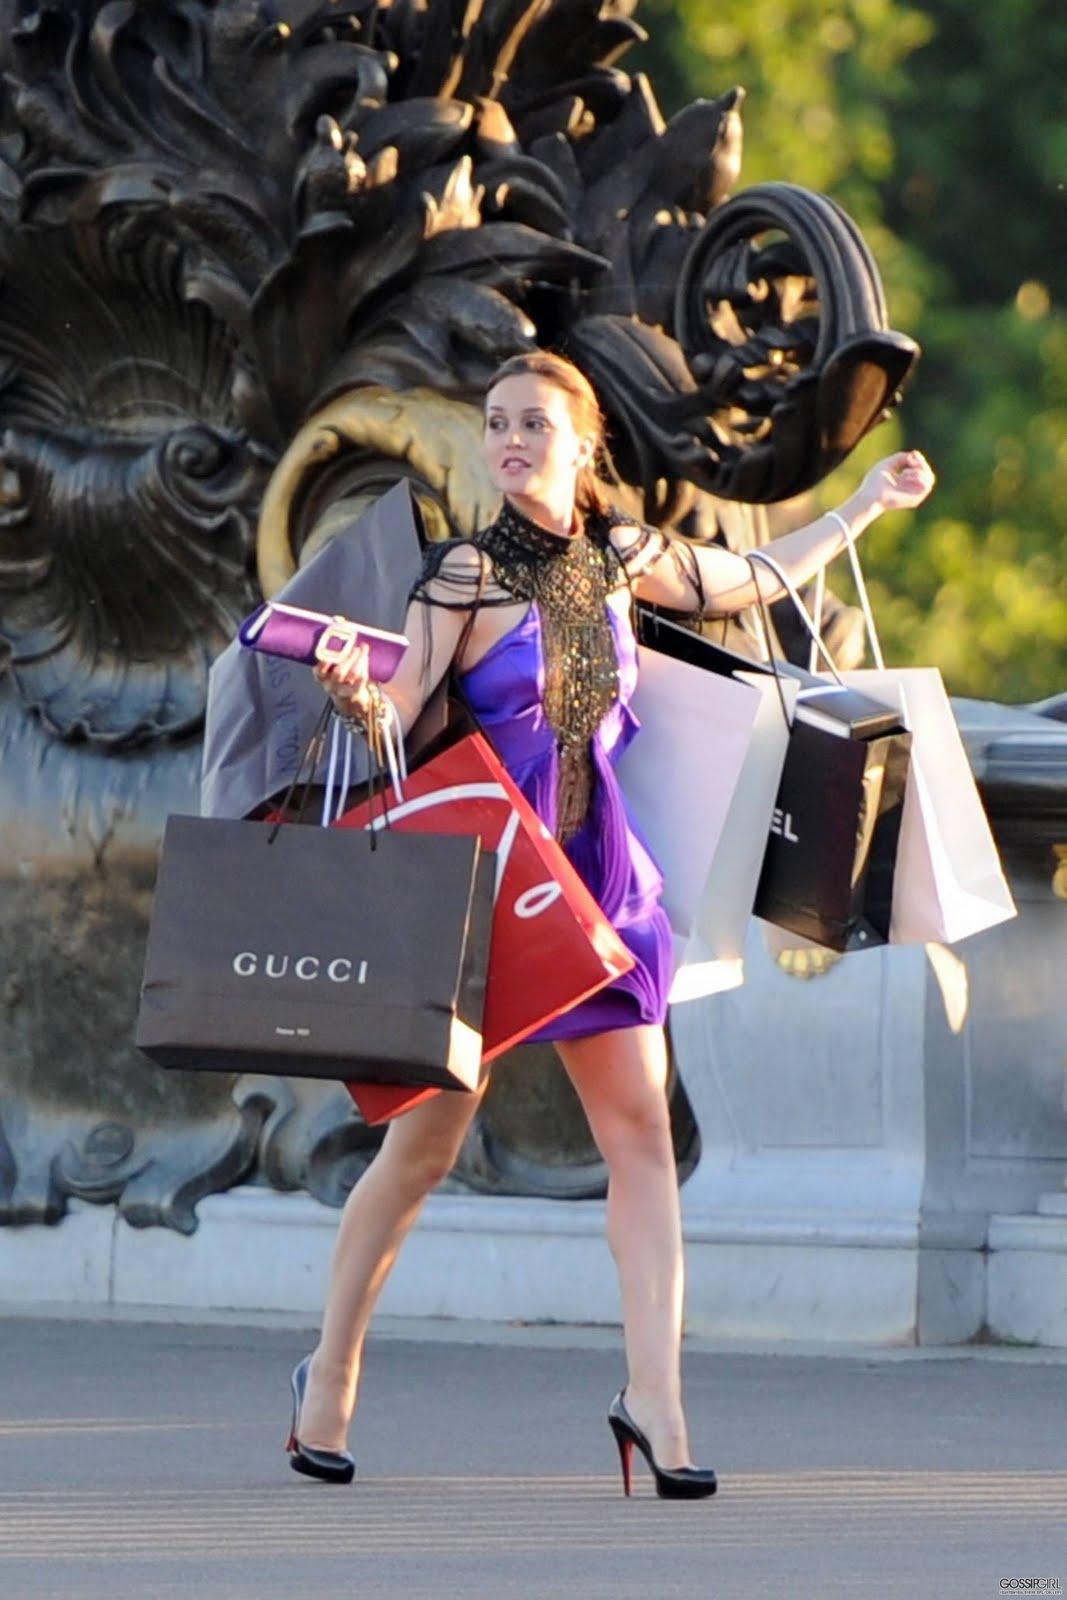 http://3.bp.blogspot.com/_ocugy71ovhw/TM3Ic238yGI/AAAAAAAAARw/7fBnHI6YueM/s1600/Gossip-Girl-Season-4-blair-waldorf-13703795-1707-2560.jpg